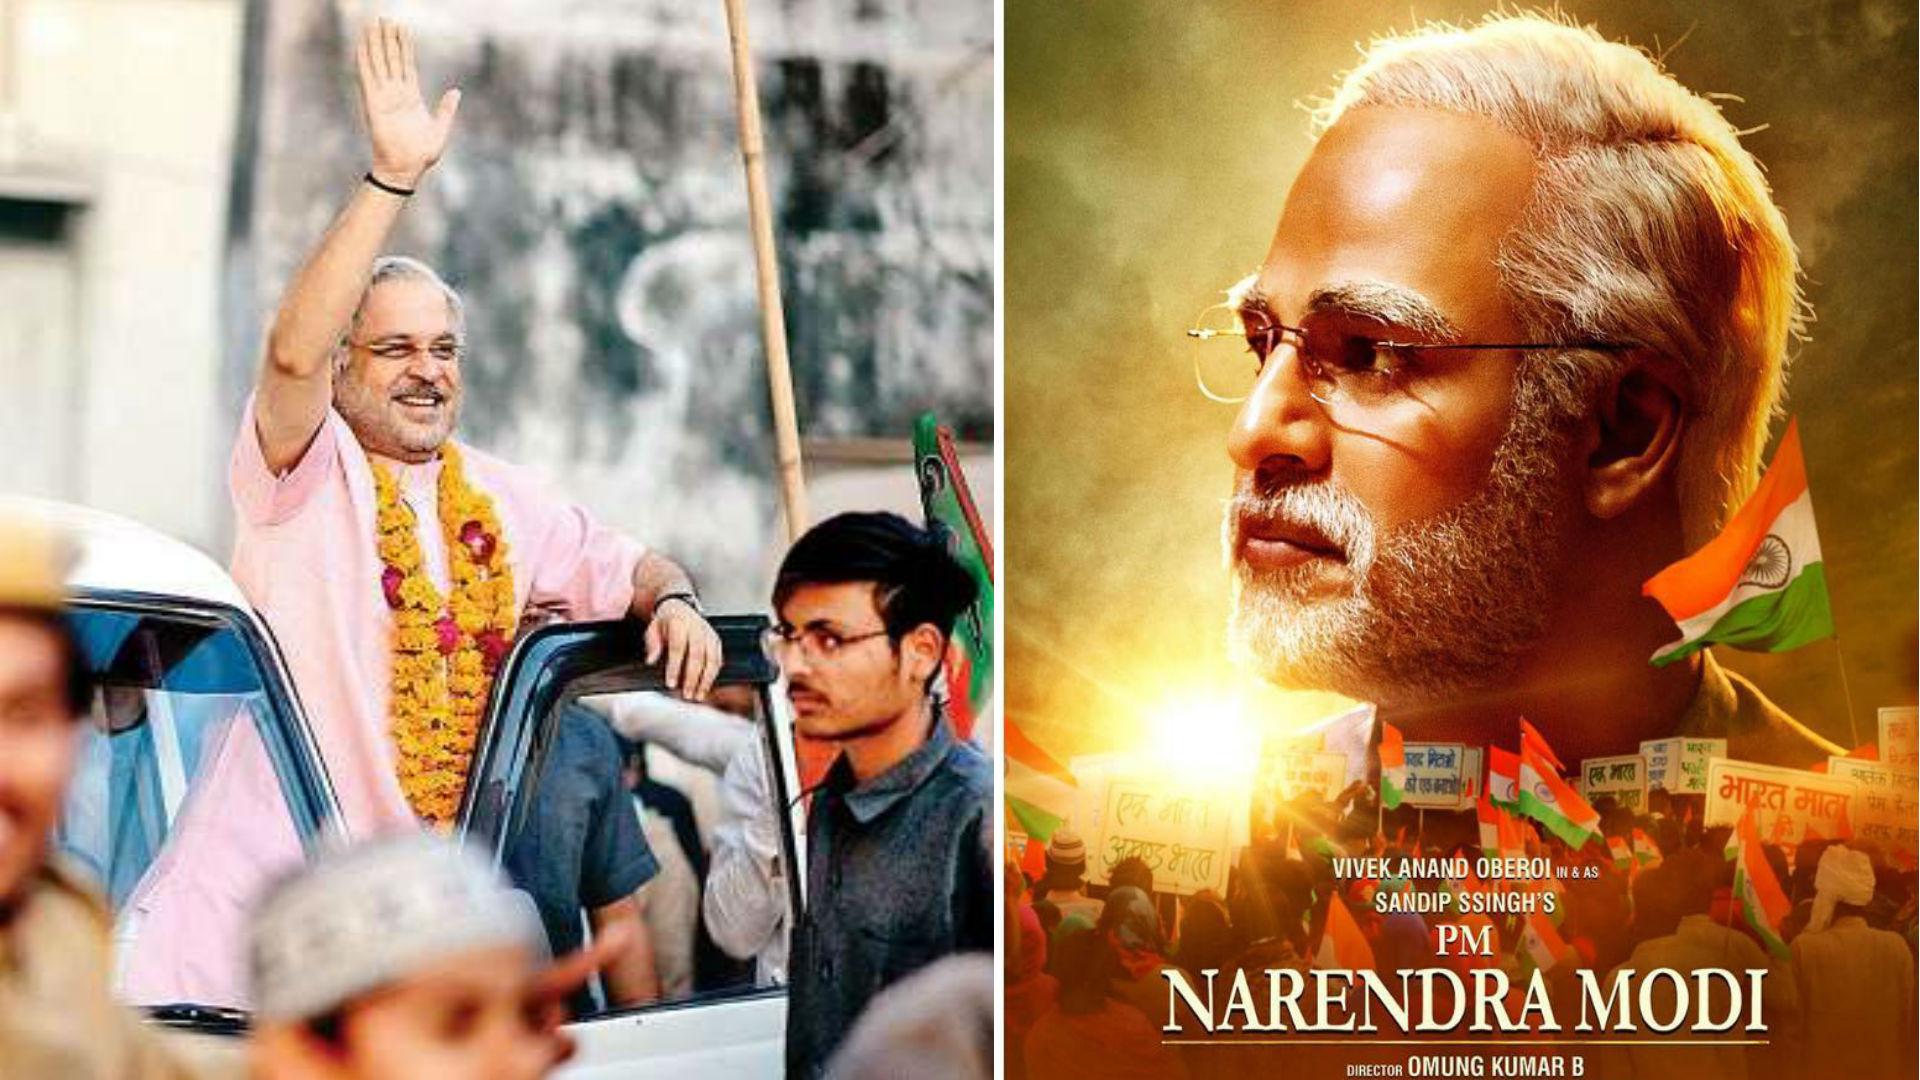 प्रधानमंत्री पर बनी फिल्म पीएम नरेंद्र मोदी से पहले रिलीज हो चुकी उनकी वेब सीरीज, 2018 में आई थी डॉक्यूमेंट्री